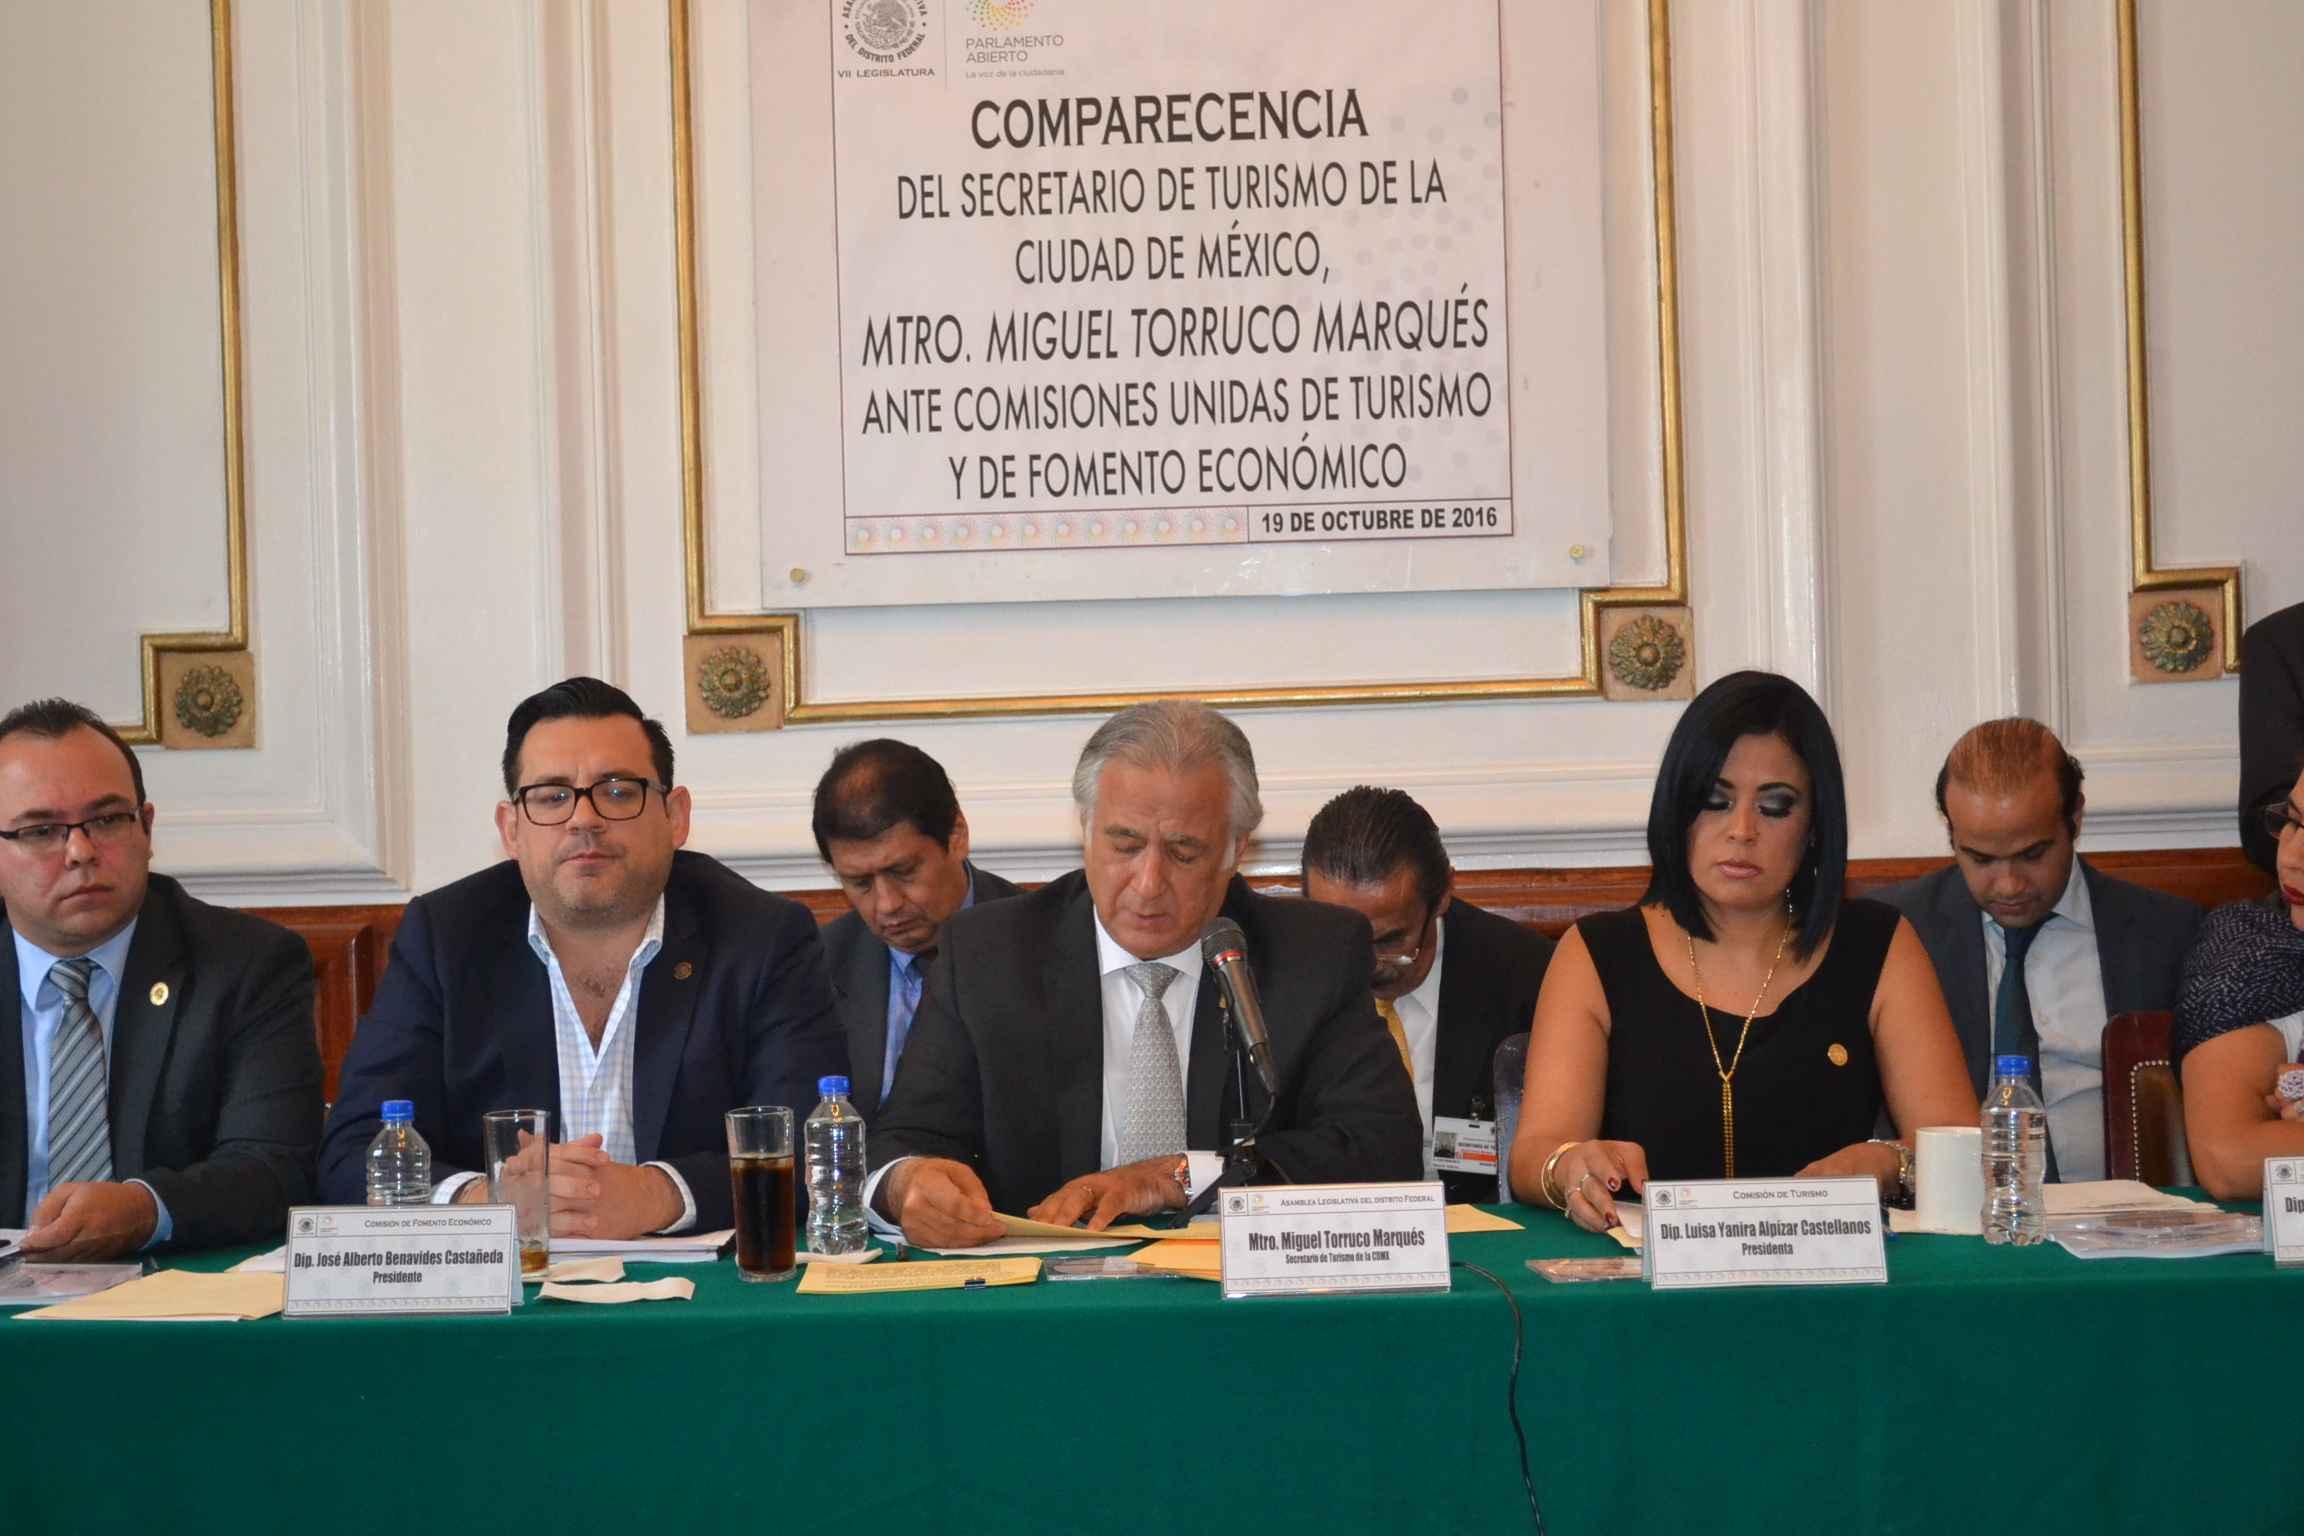 Turismo en la capital se podría ver afectado: Torruco